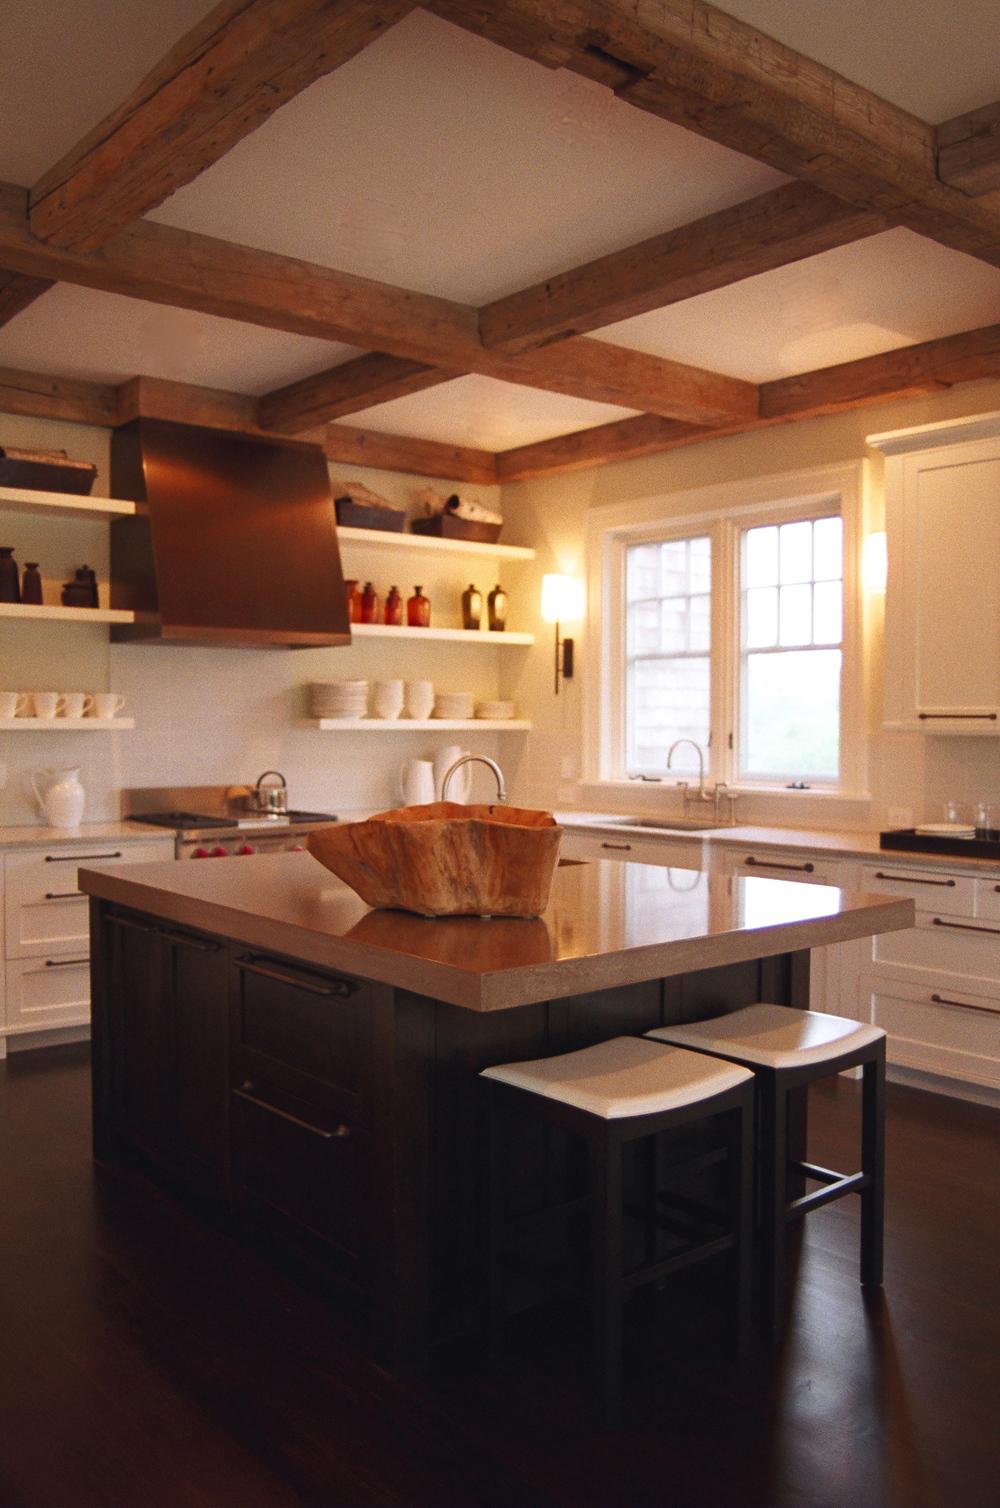 kitchen.2113.21.jpg